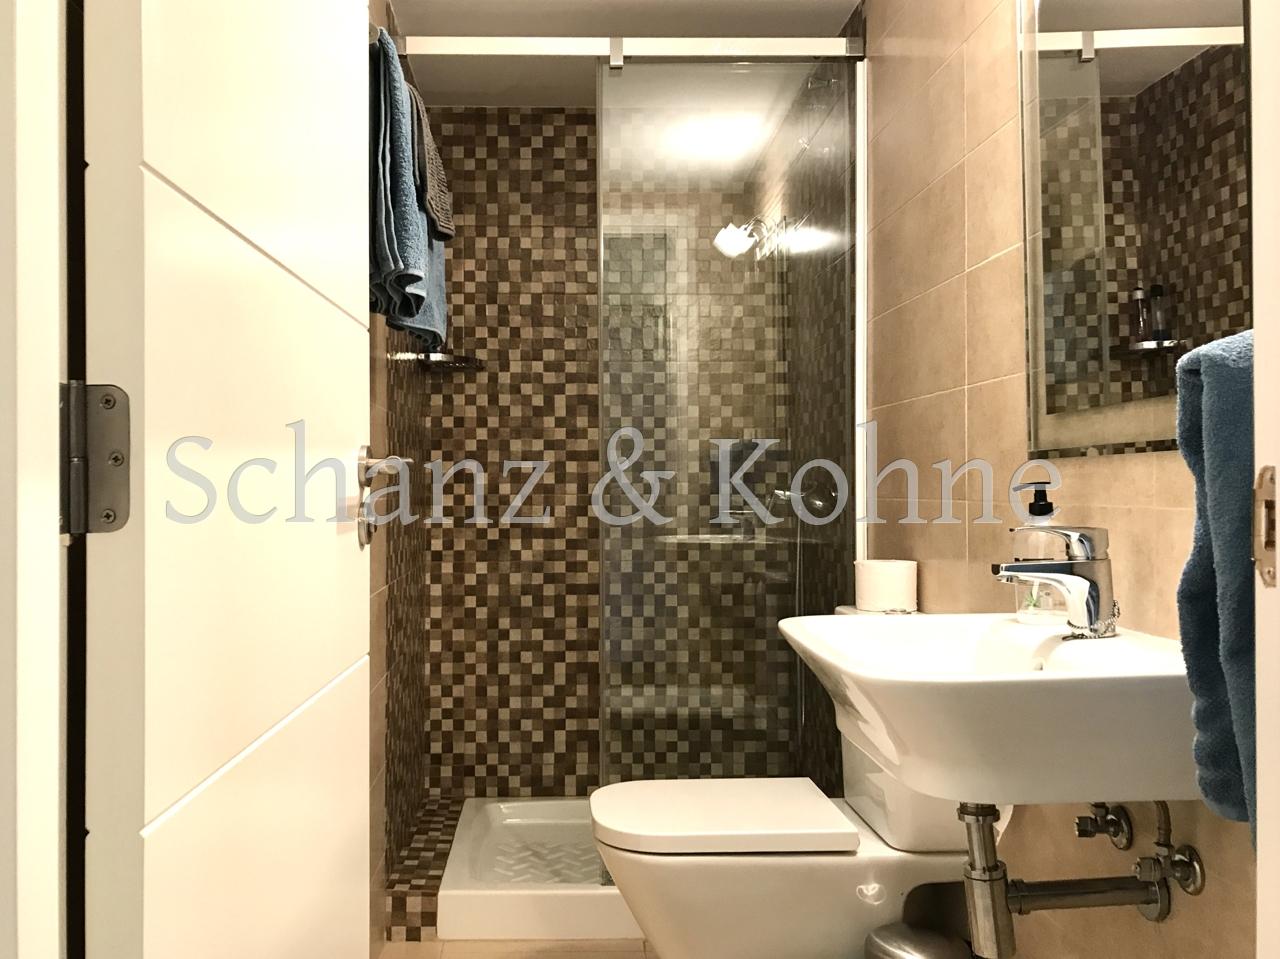 kl. Badezimmer